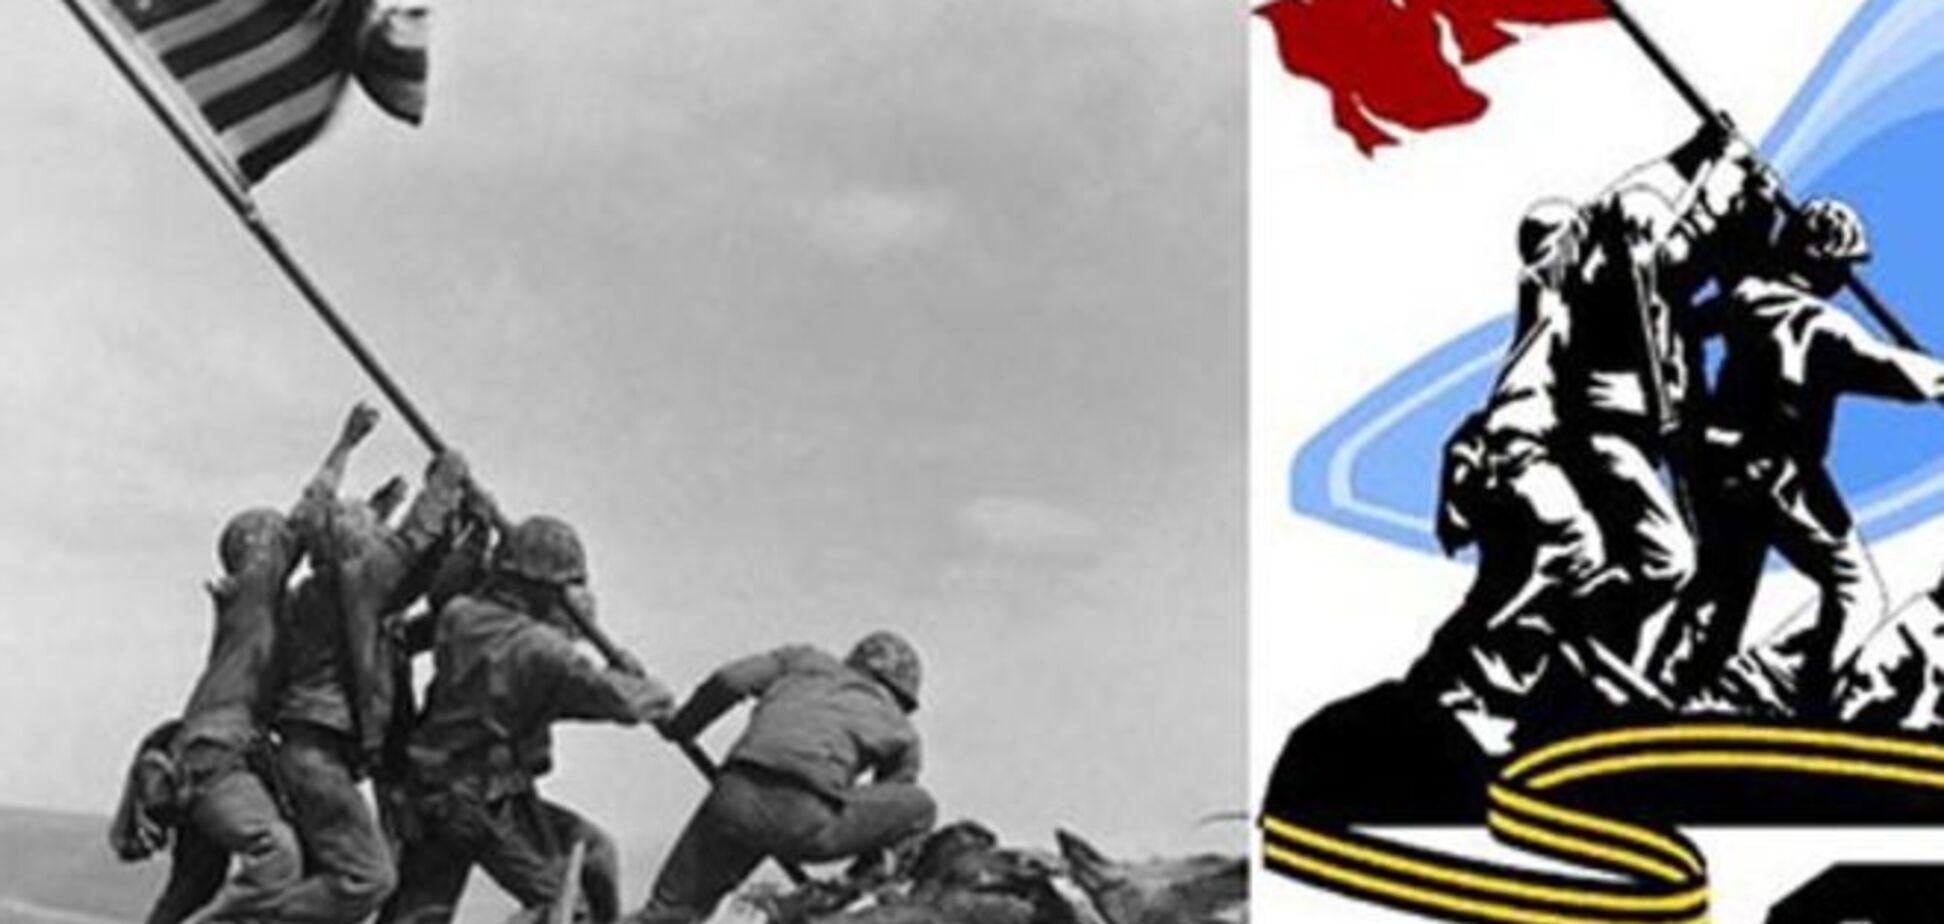 Фейкометы: россиян с Днем Победы поздравляют немецкие и американские солдаты - фотофакт